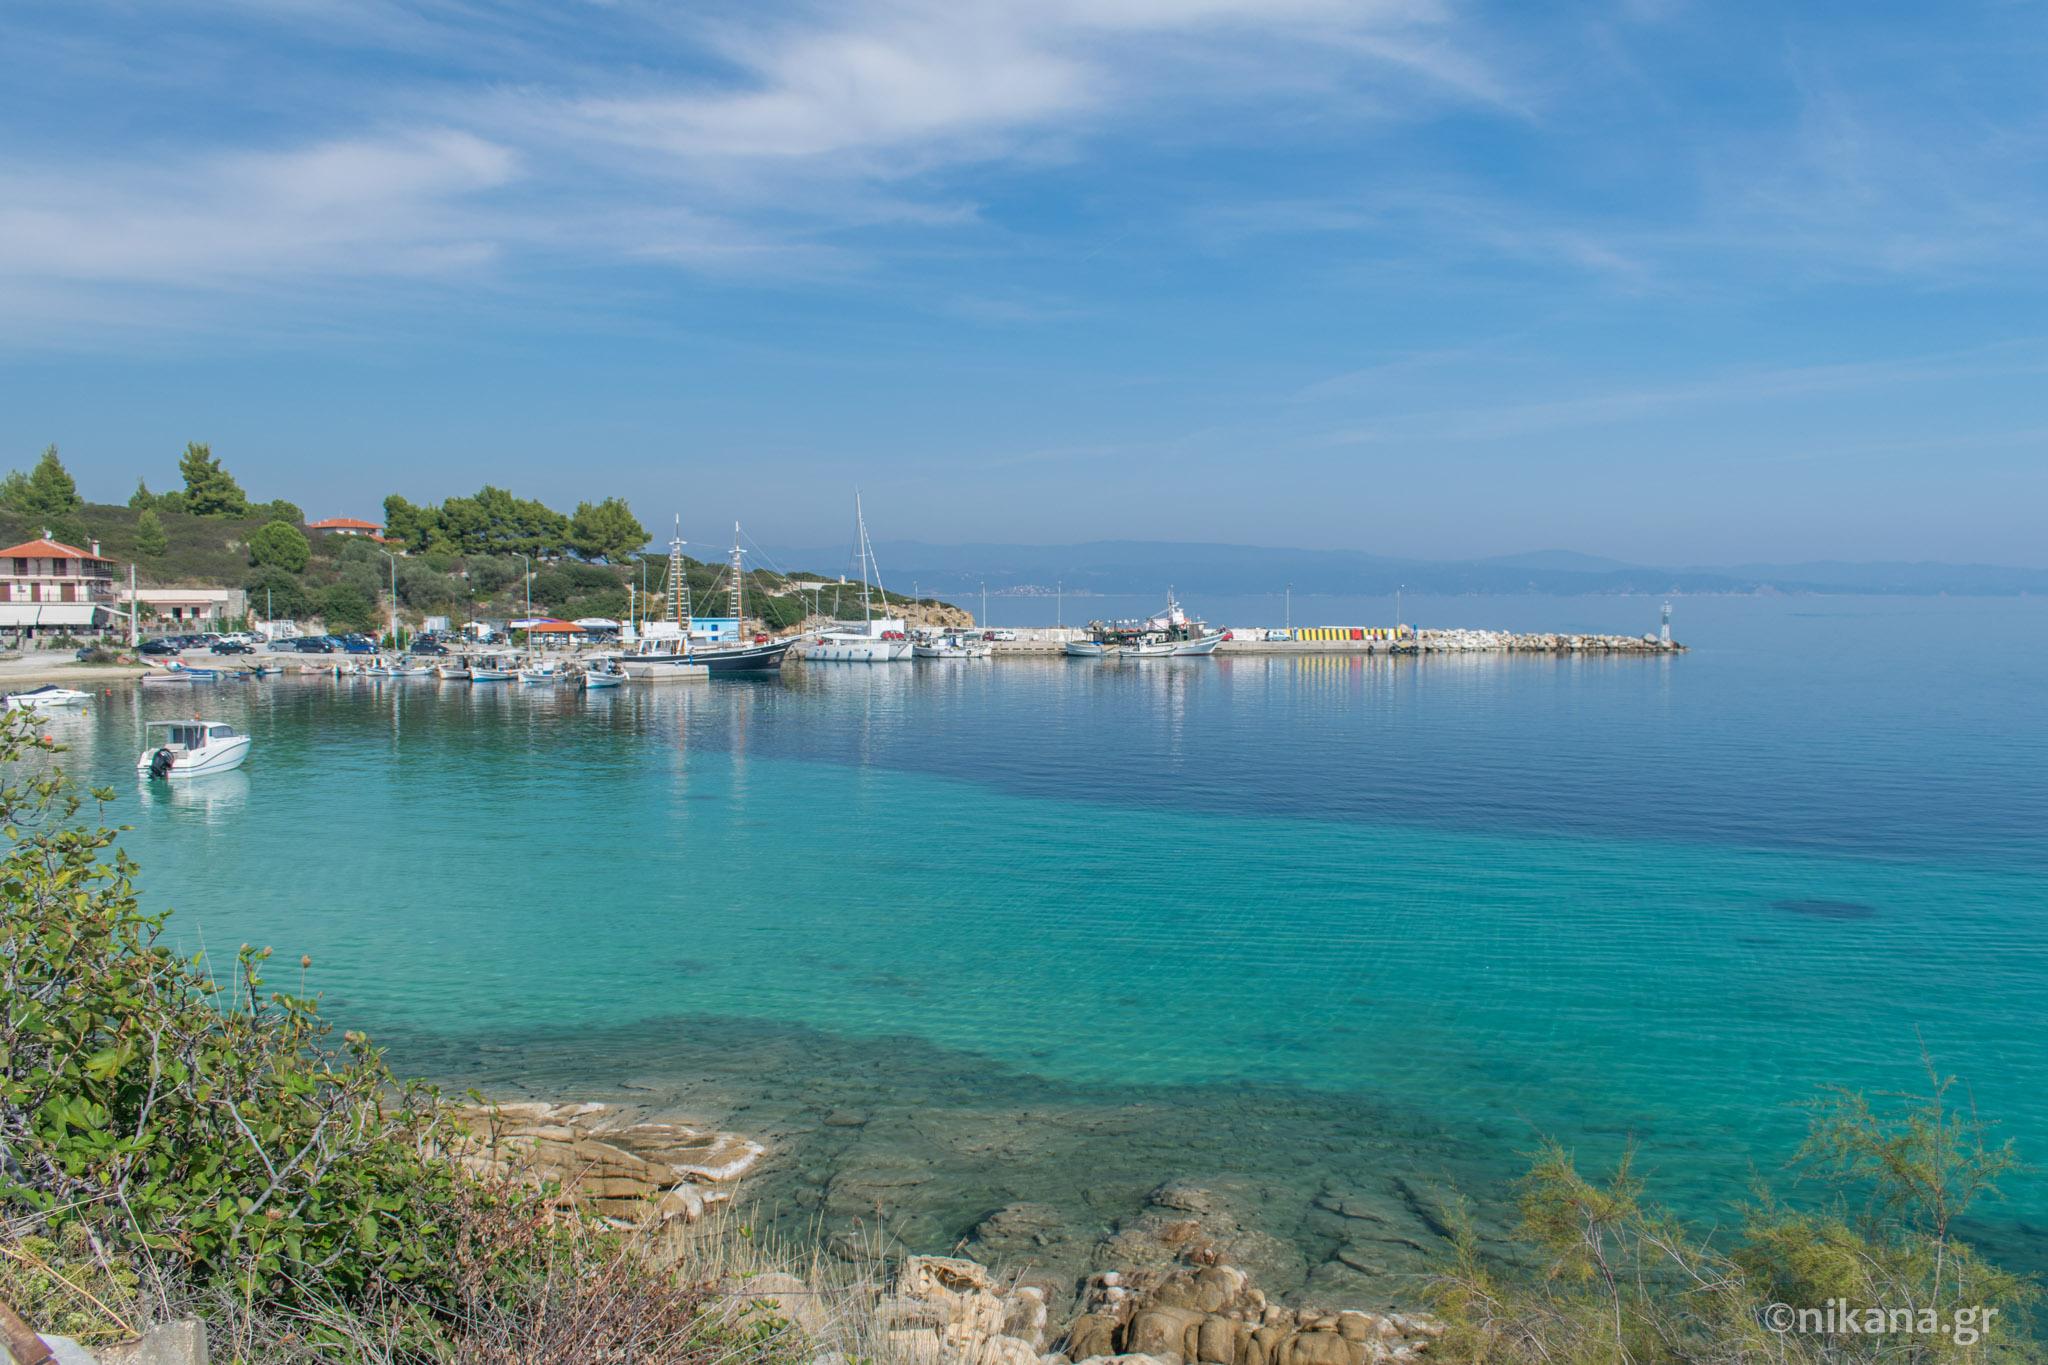 Ormos Panagias - Sithonia tourist guide - Nikana.gr